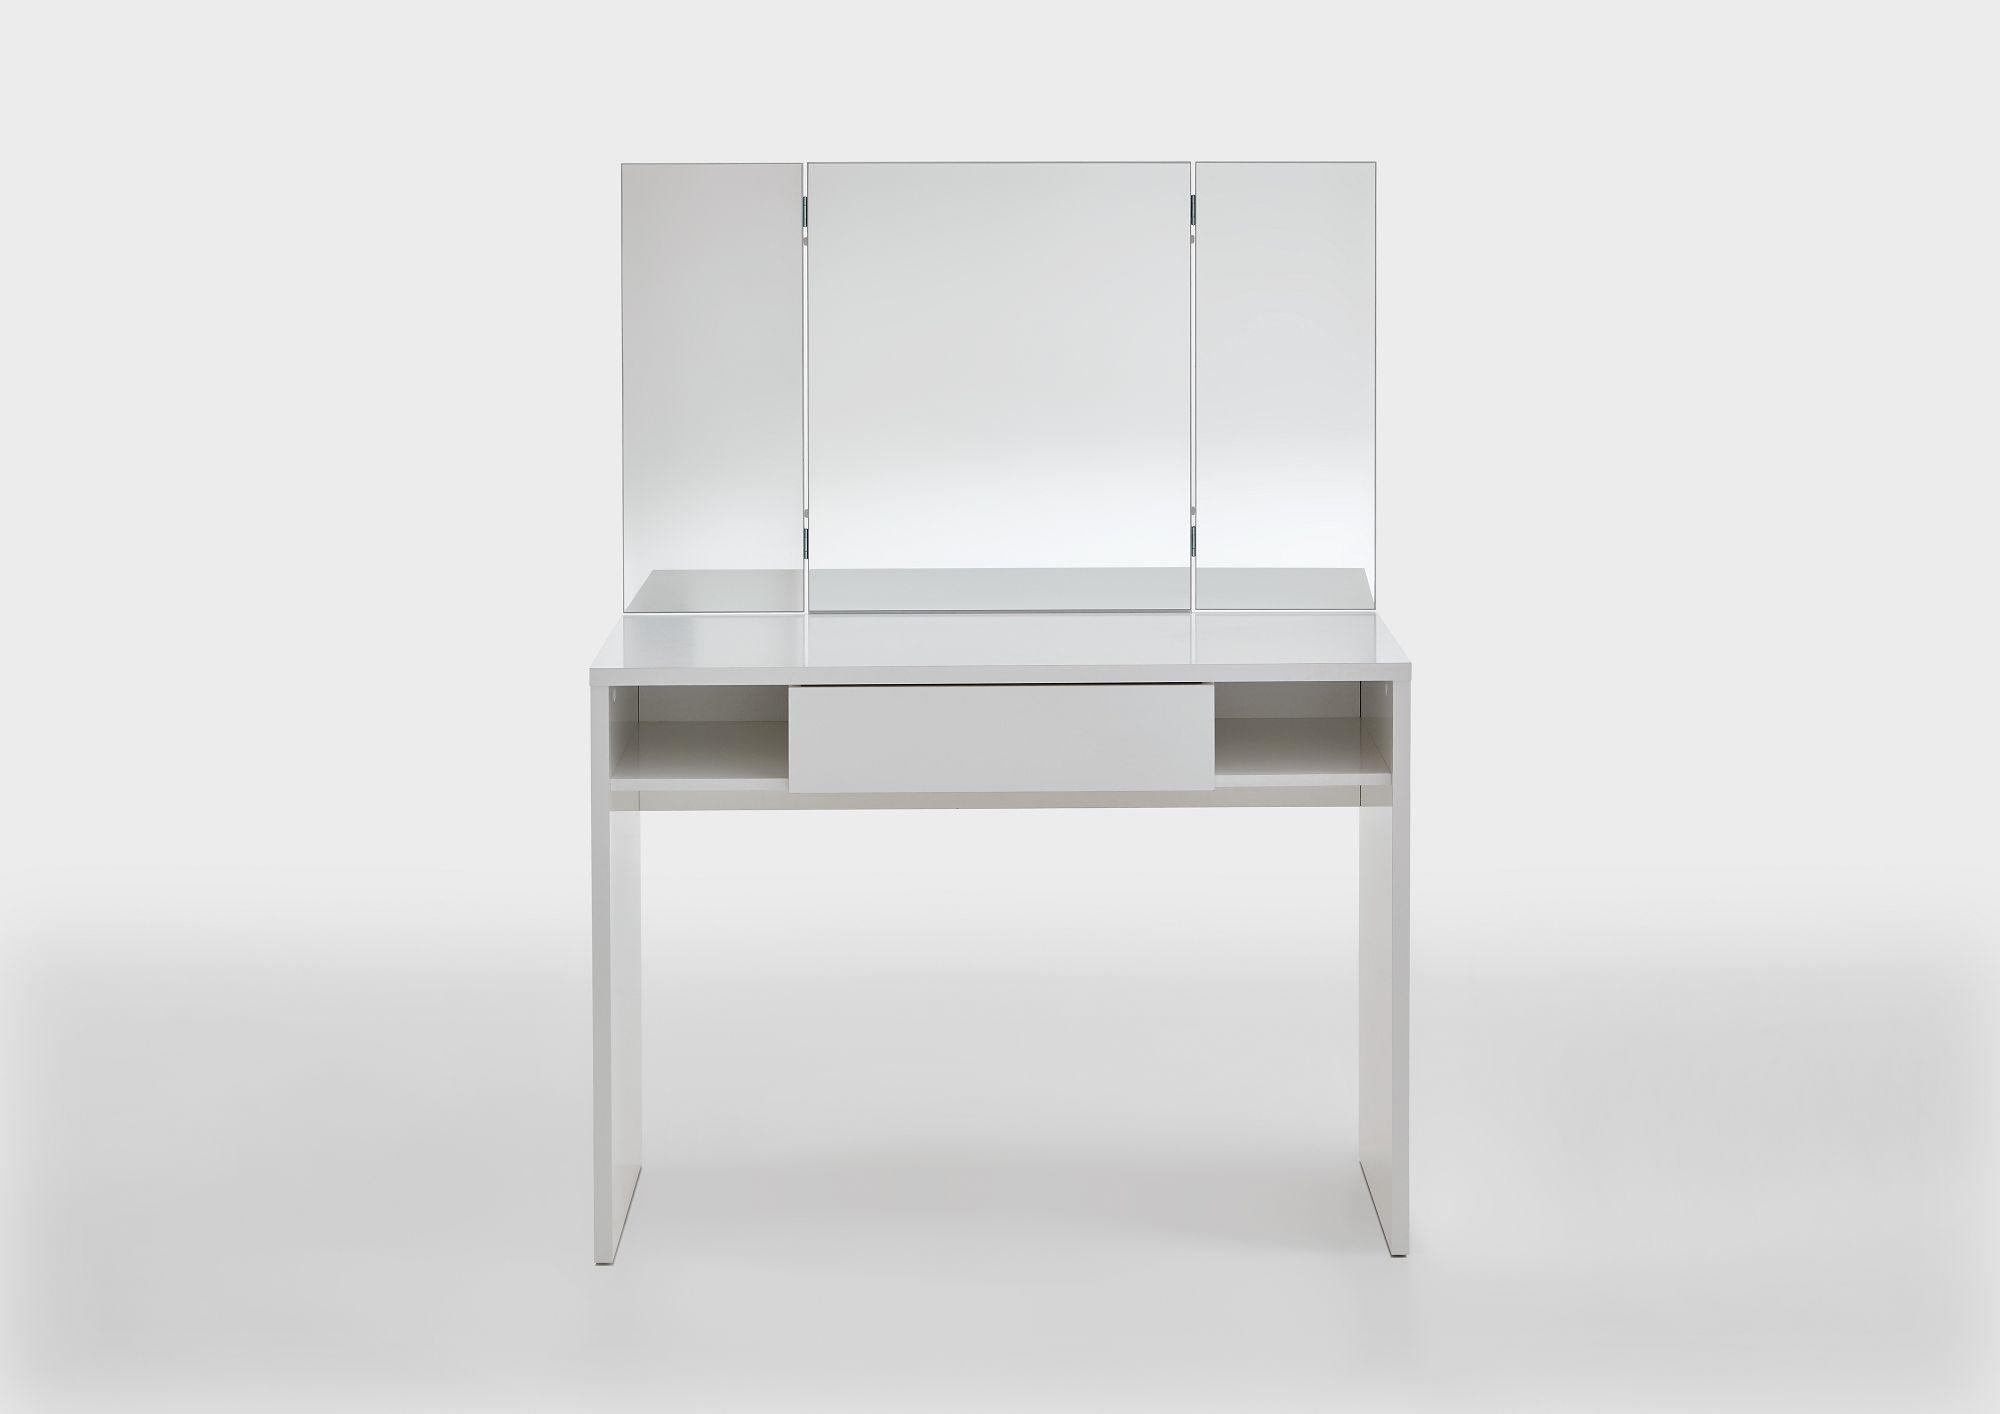 schmink frisiertisch fola wei 100x135 7x41 5cm schminkkommode beauty scouts beauty. Black Bedroom Furniture Sets. Home Design Ideas